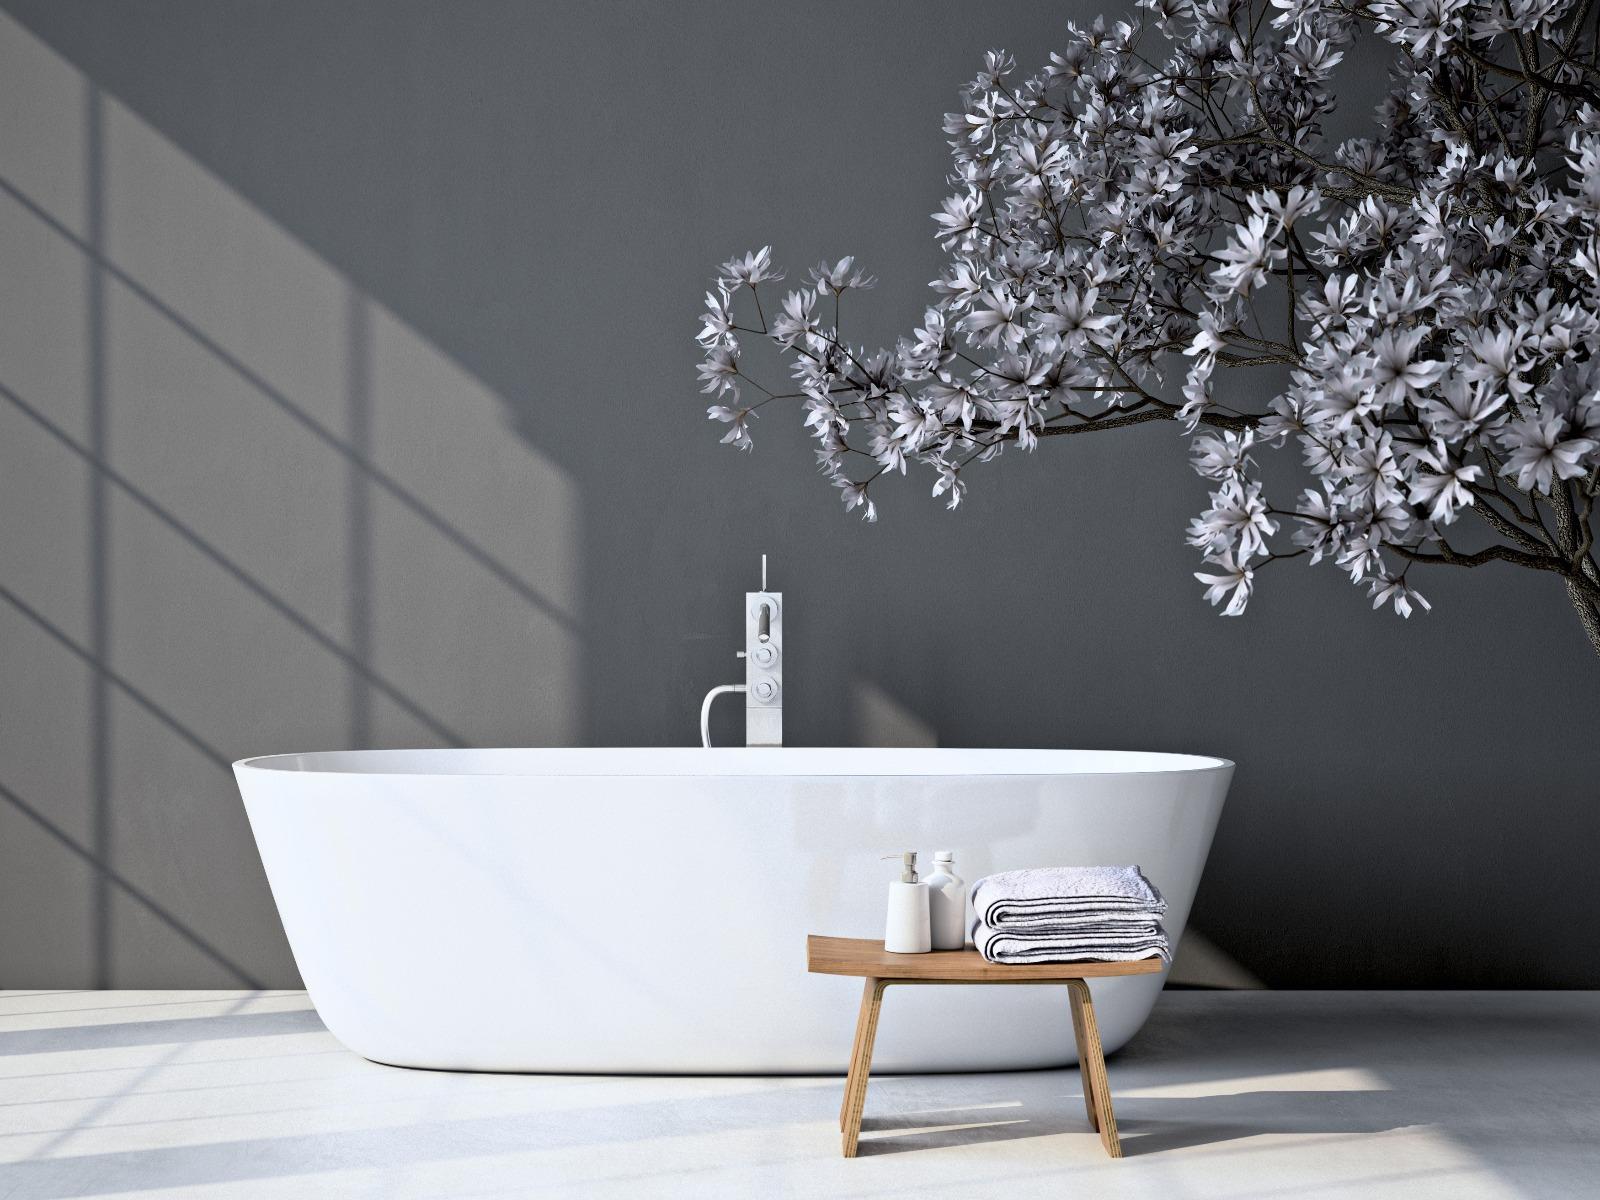 Das Bild zeigt eine schöne Badgestaltung.